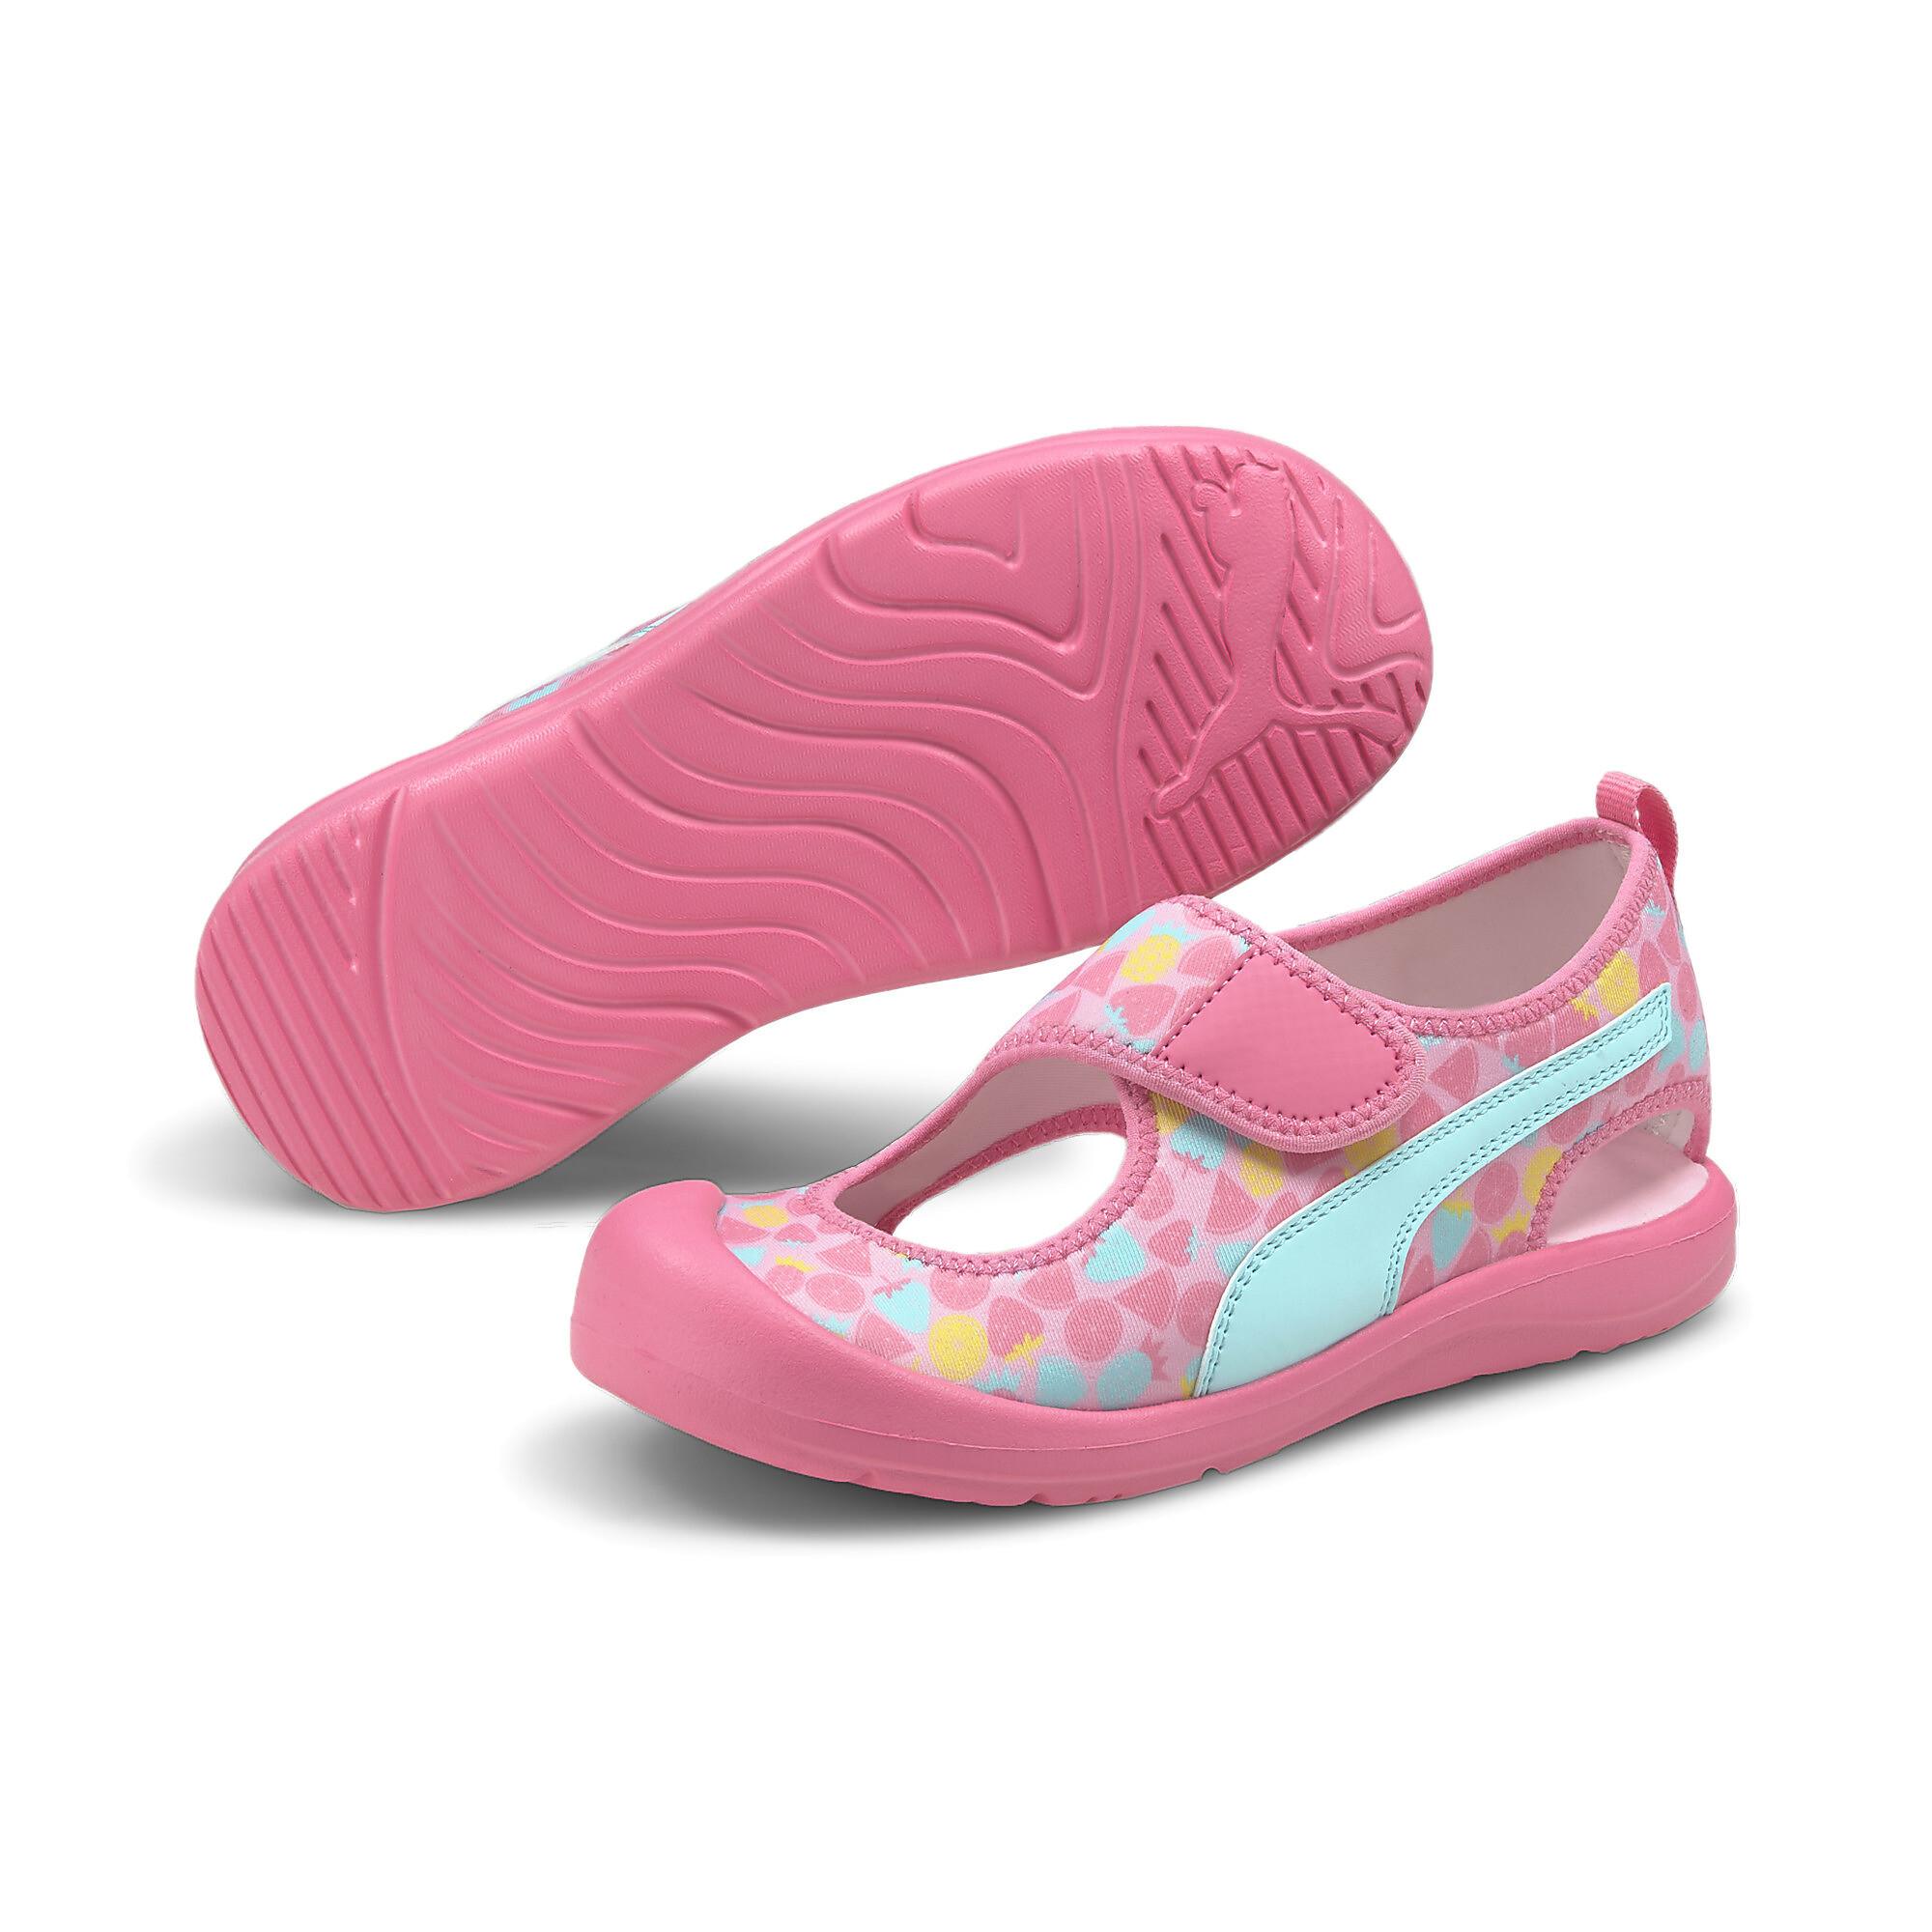 <プーマ公式通販> キッズ プーマ アクアキャット PS サンダル 17-21cm ユニセックス Sachet Pink-Island Paradise |PUMA.com